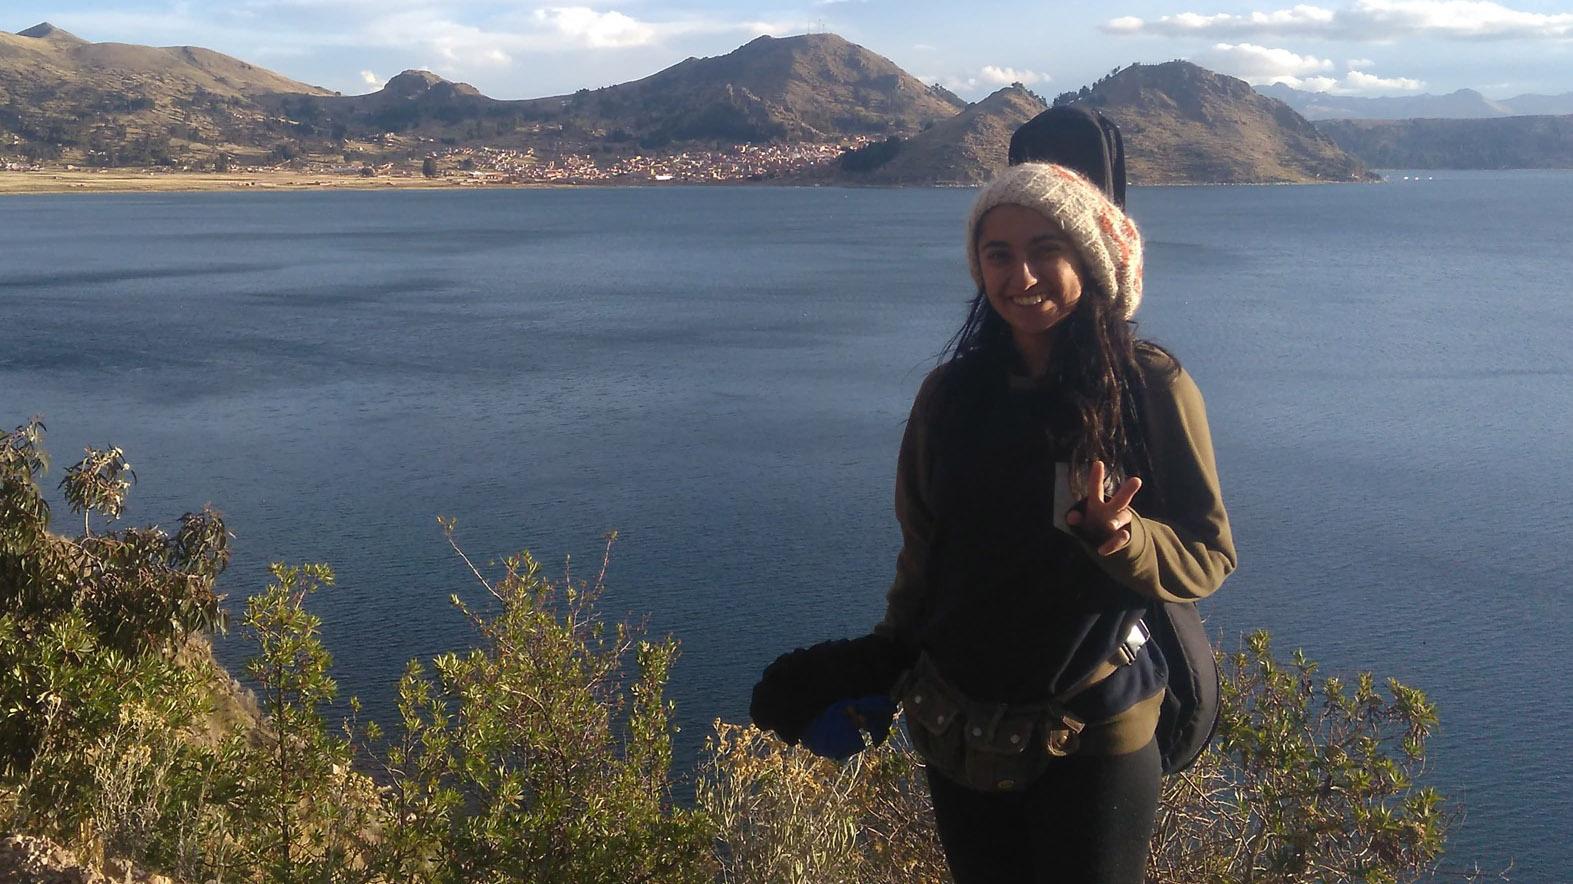 El caso de Karina Bobadilla: la joven chilena que fue asesinada en Brasil